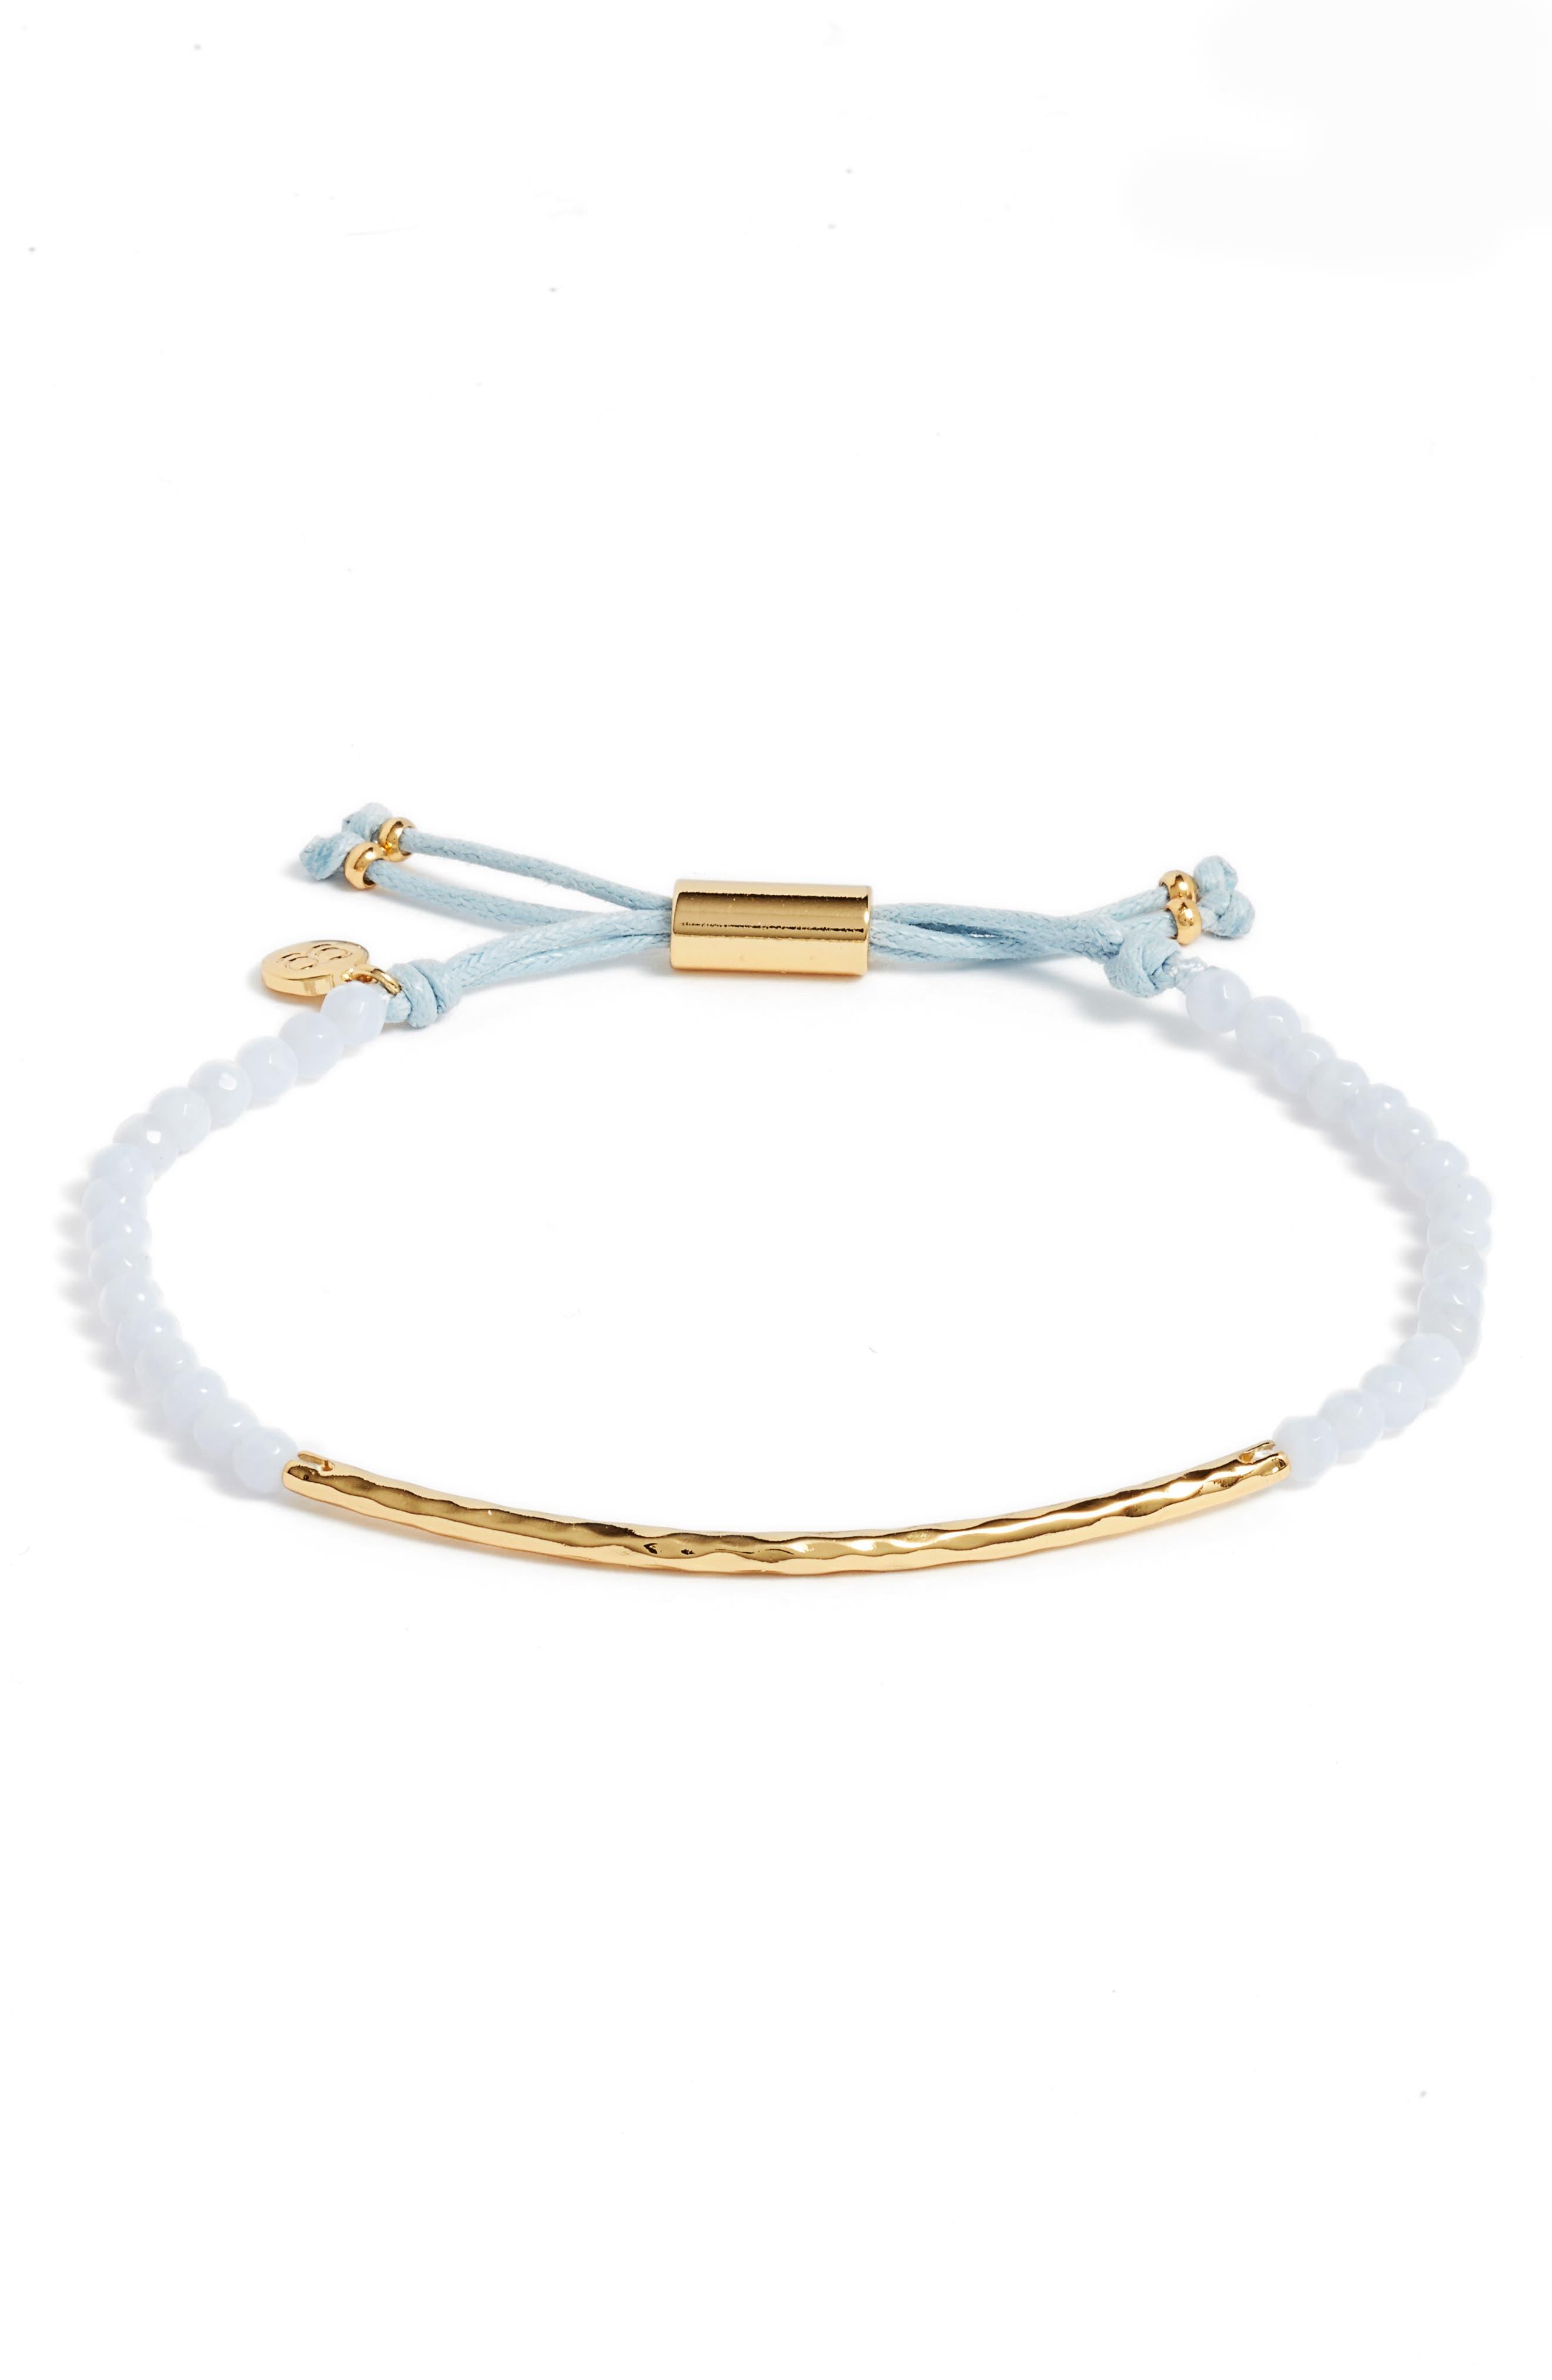 Self Expression Bracelet,                             Main thumbnail 1, color,                             BLUE LACE AGATE GOLD